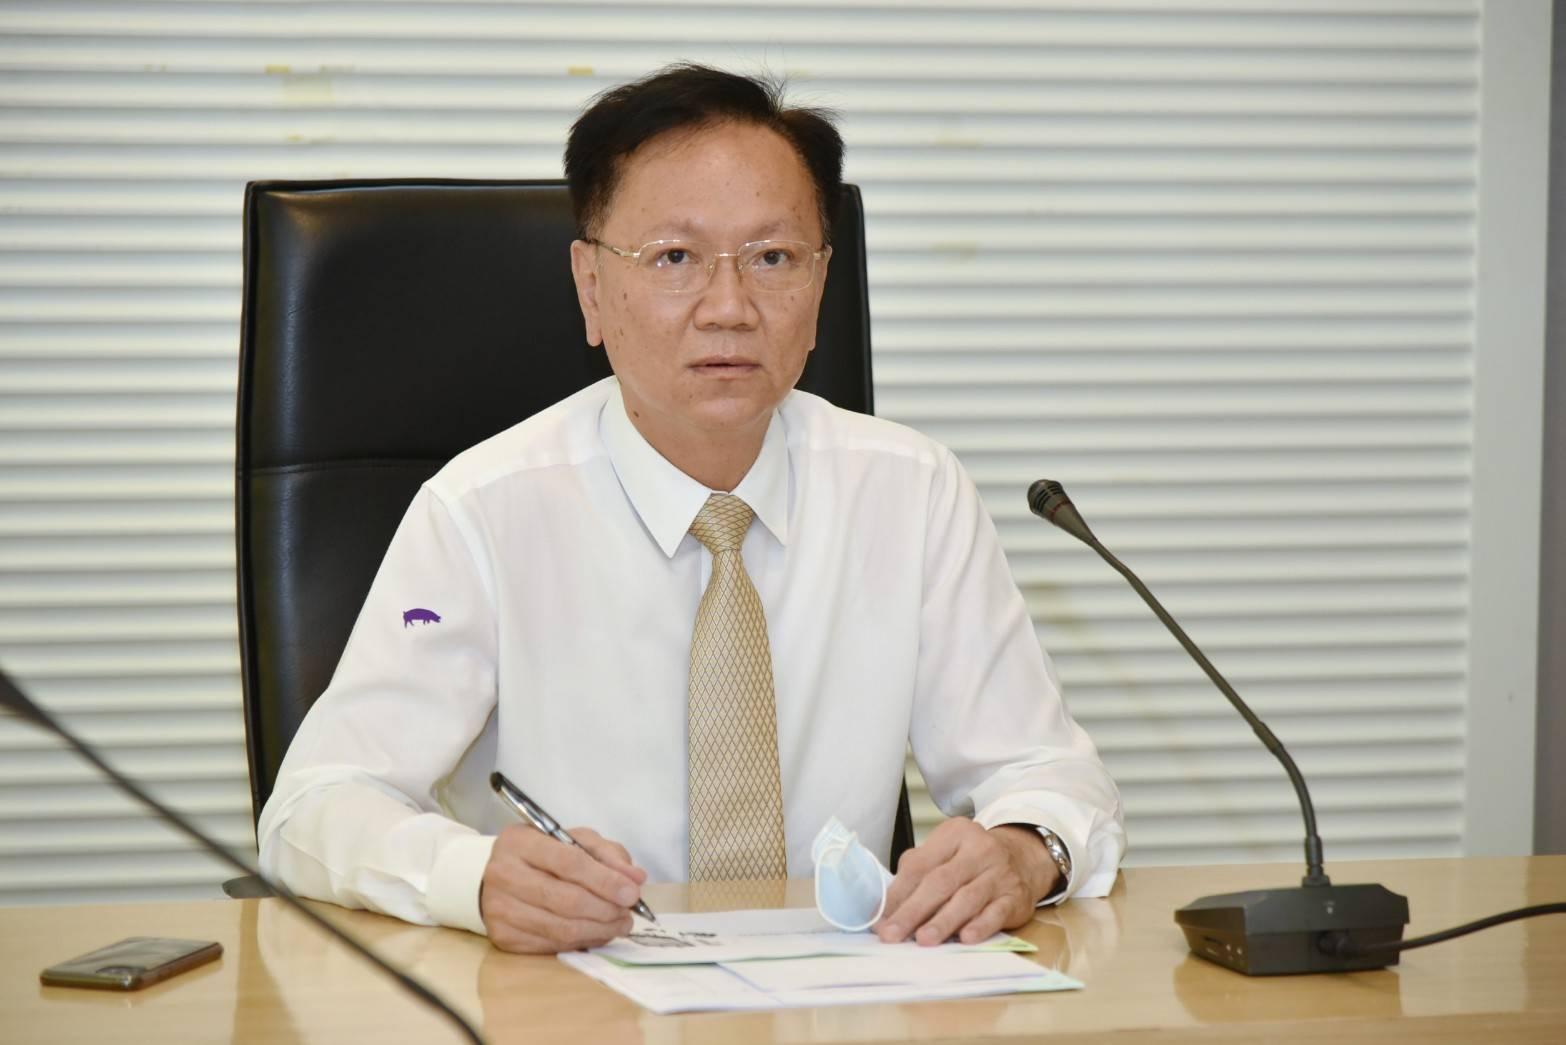 นายสุชาติ พรชัยวิเศษกุล  อธิบดีกรมการจัดหางาน ประชุมหารือกับหน่วยงานที่เกี่ยวข้อง  เช่น ธนาคารแห่งประเทศไทย สำนักงานพัฒนารัฐบาลอิเล็กทรอนิกส์ (DGA) สภาดิจิทัลเพื่อเศรษฐกิจและสังคม ผ่านระบบ  VDO Conference เกี่ยวกับการพัฒนา platform การจ้างงาน